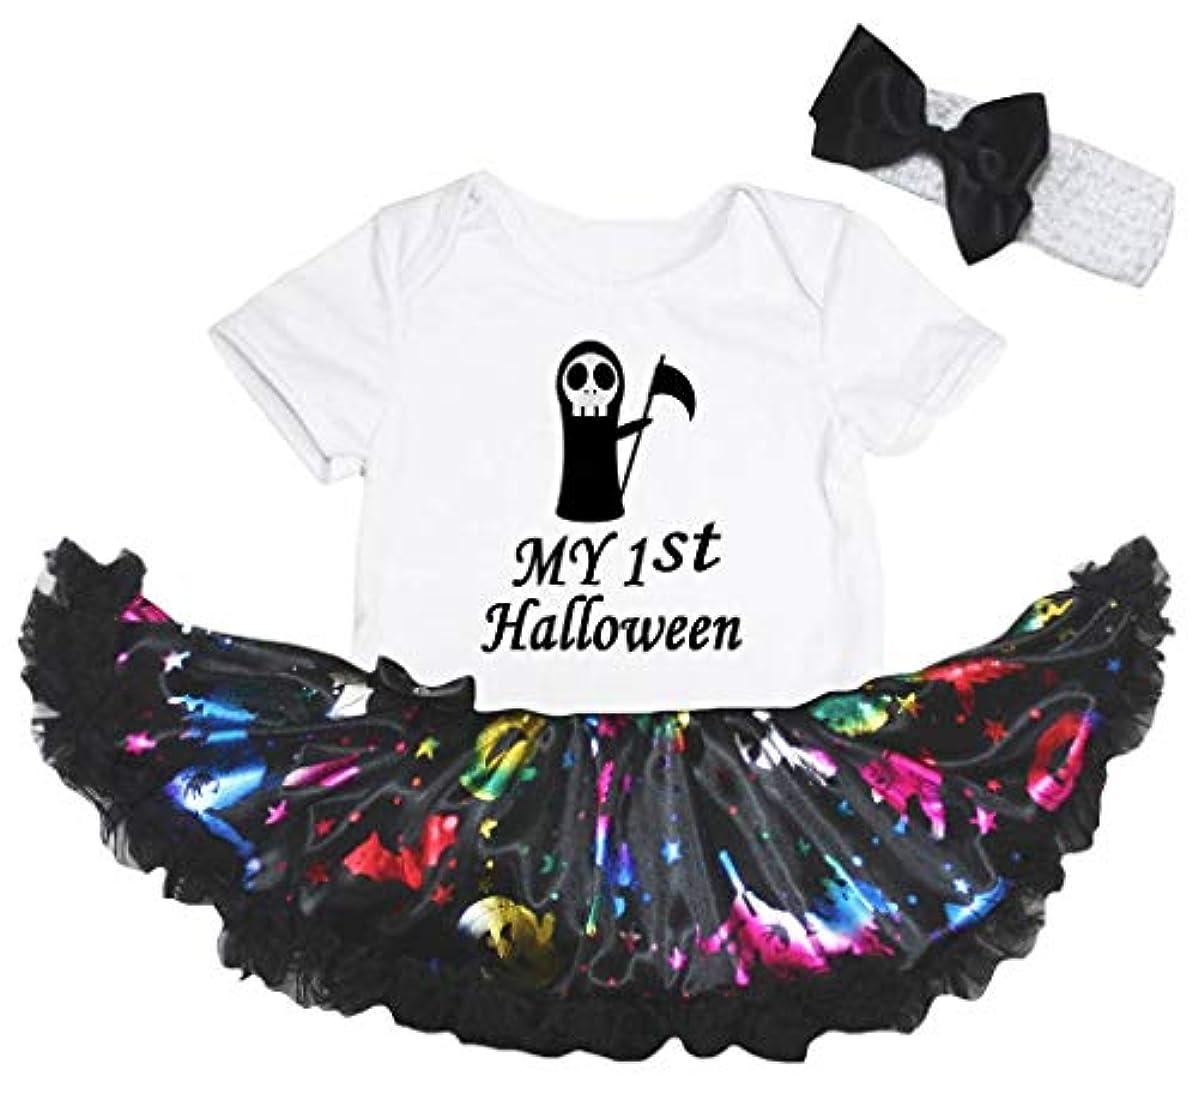 瞬時に未来怒る[キッズコーナー] ハロウィン My 1st Halloween Ghost ホワイト パンプキン 子供コスチューム、子供のチュチュ、ベビー服、女の子のワンピースドレス Nb-18m (ホワイト, X-Large) [並行輸入品]